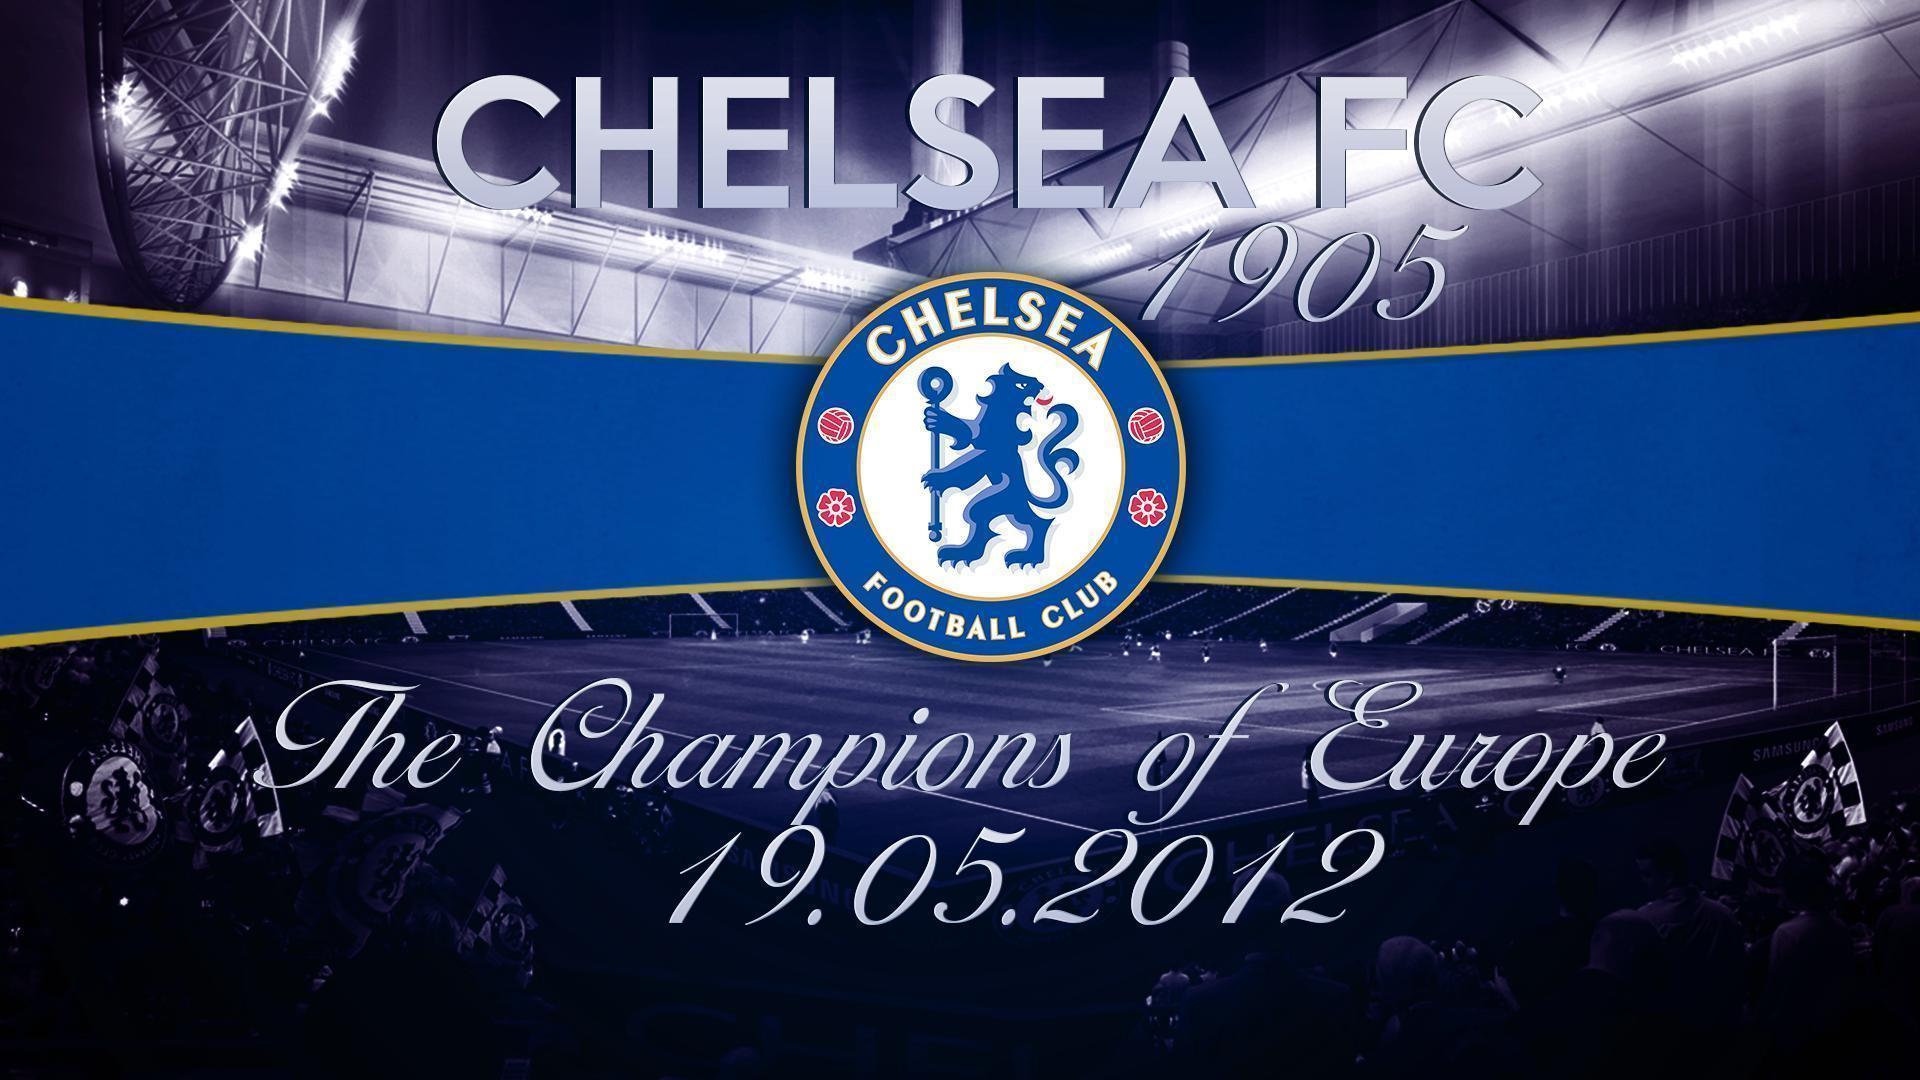 Fonds d'écran Chelsea Fc : tous les wallpapers Chelsea Fc